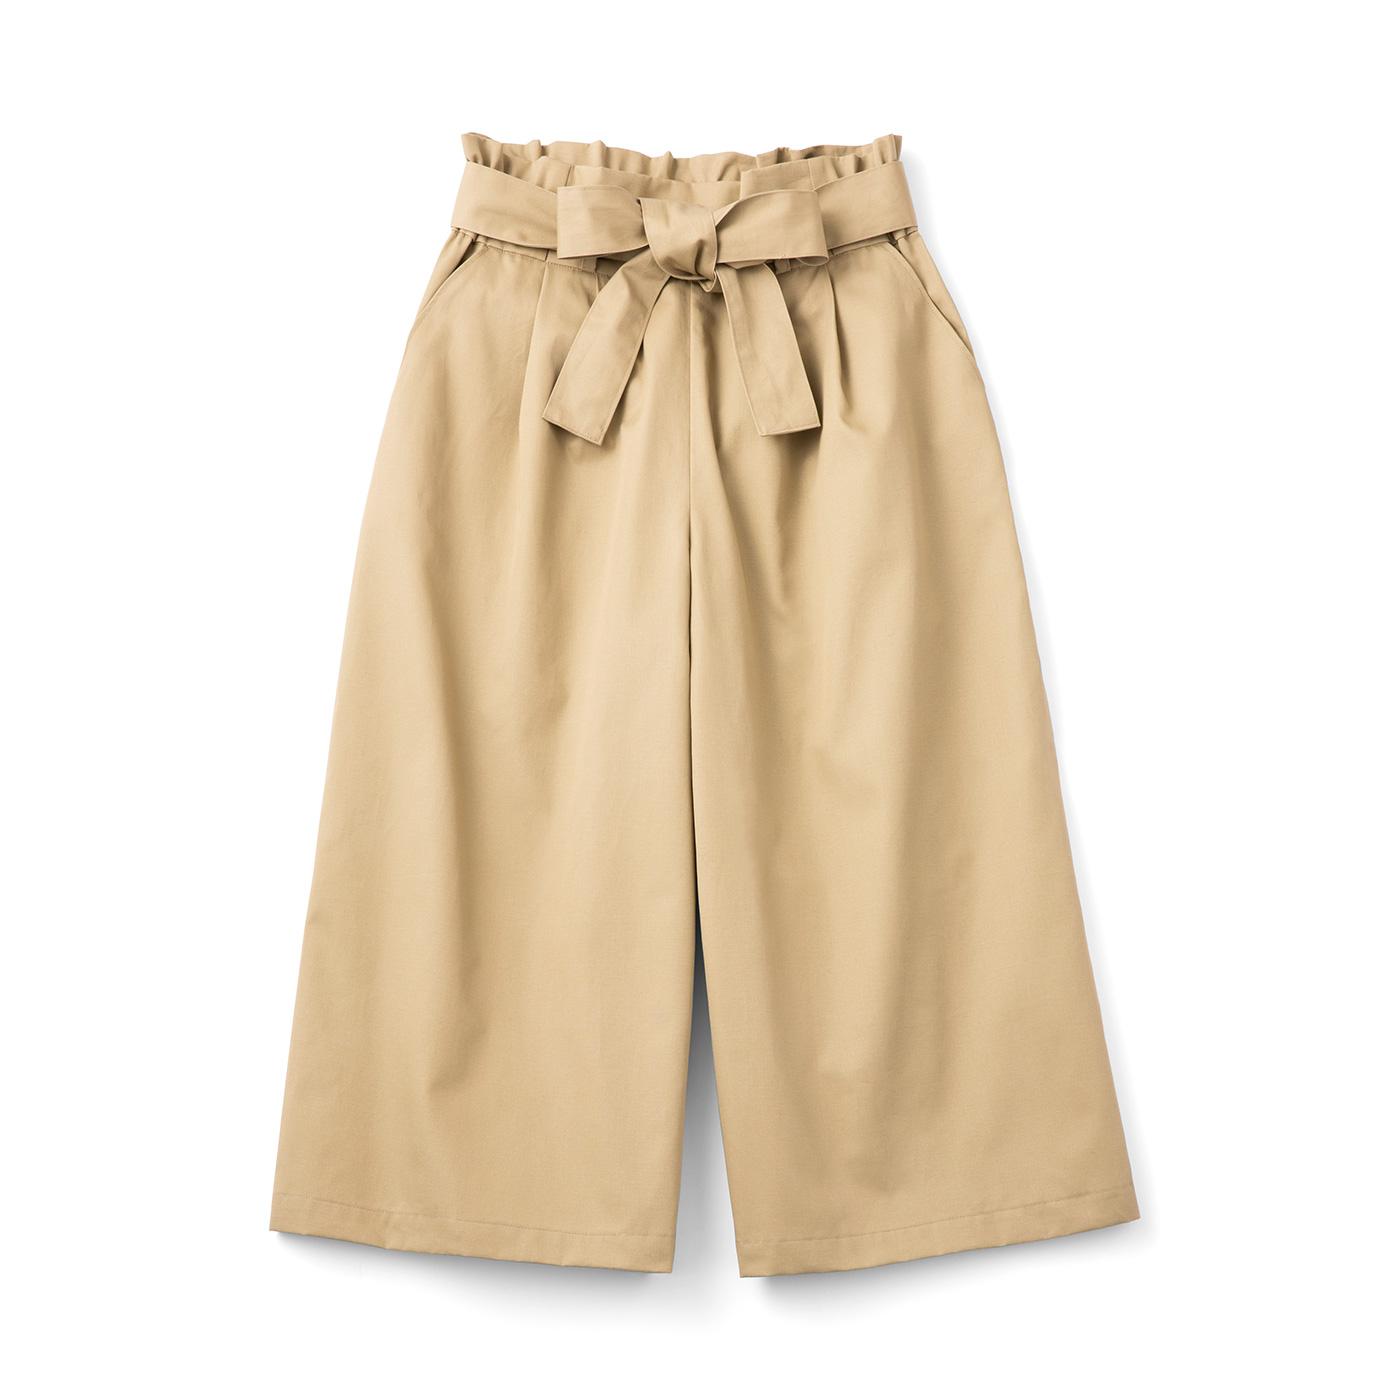 パンツ総丈:約83cm アイロン転写紙(型紙)と作り方説明書のみのセットです。布地・ゴム・ボタンなどはセットされません。